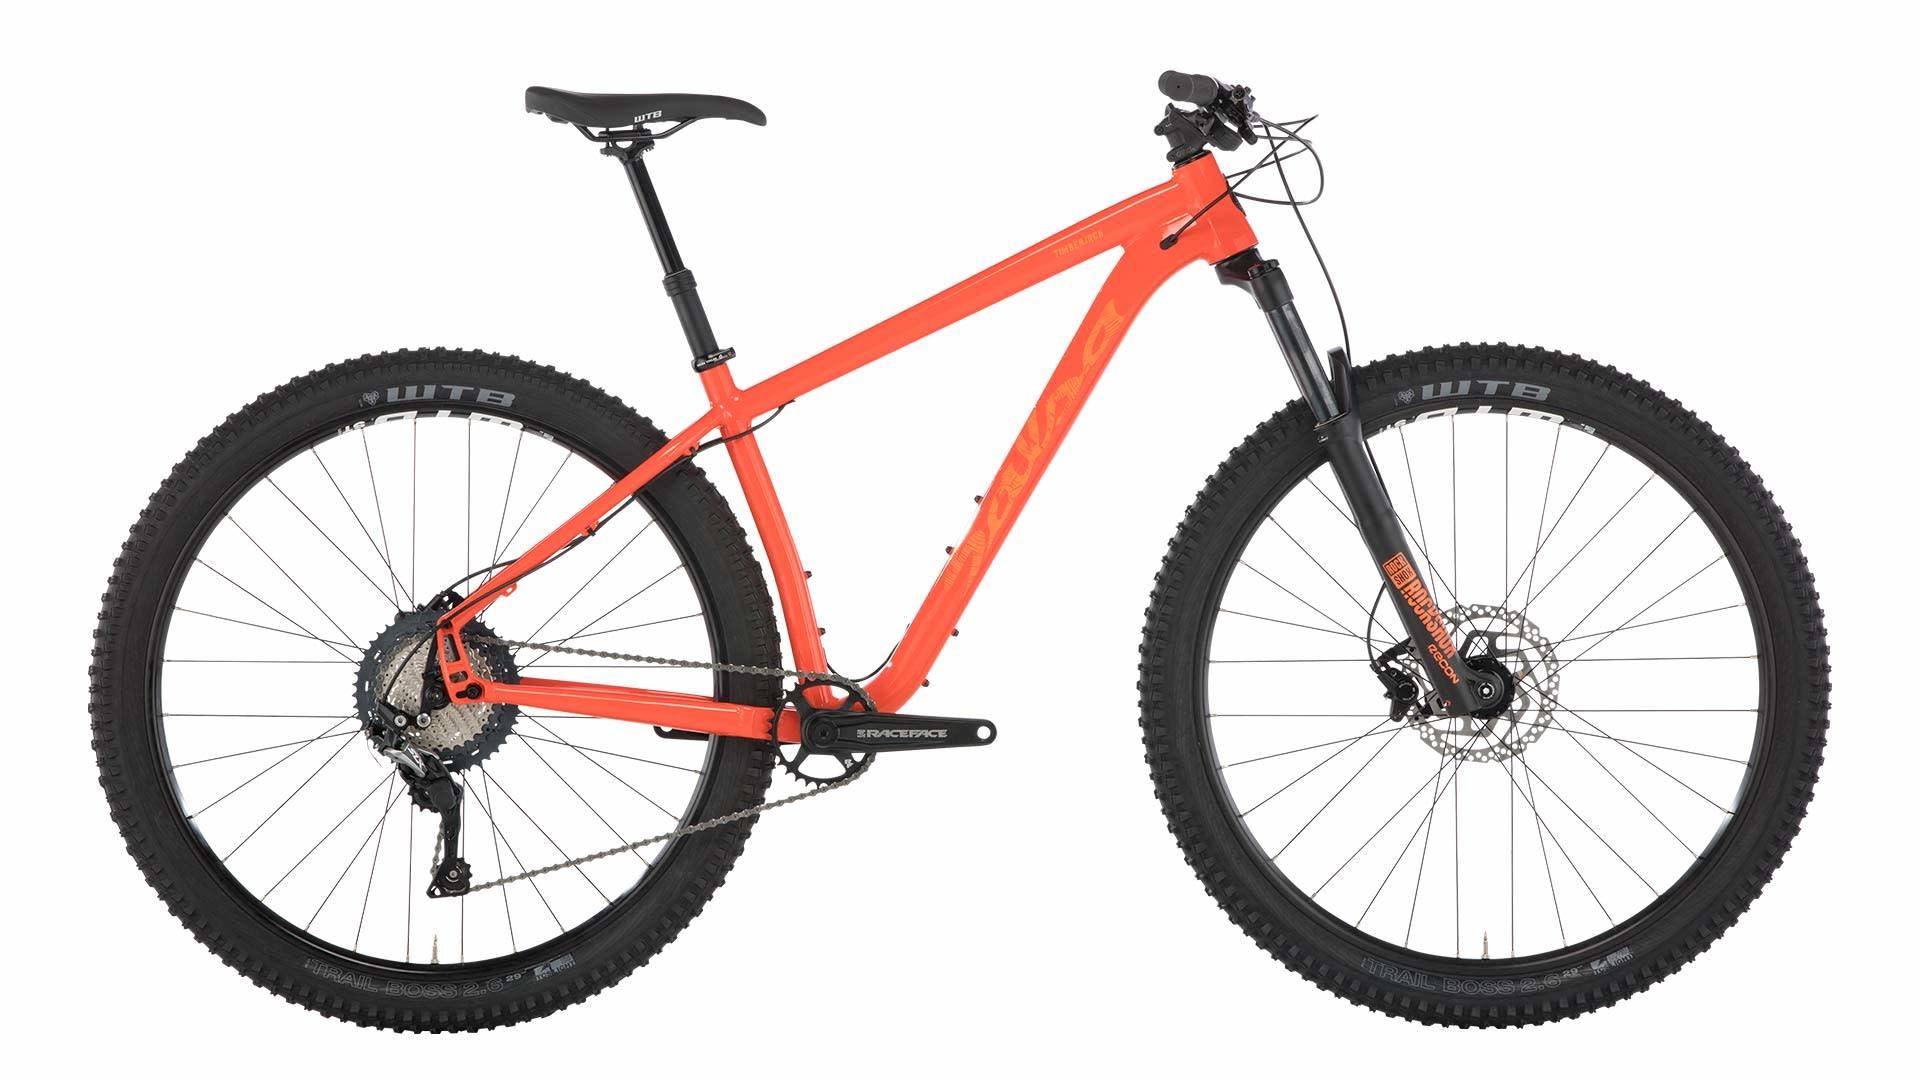 Salsa Salsa Timberjack SLX Bike Orange 2019